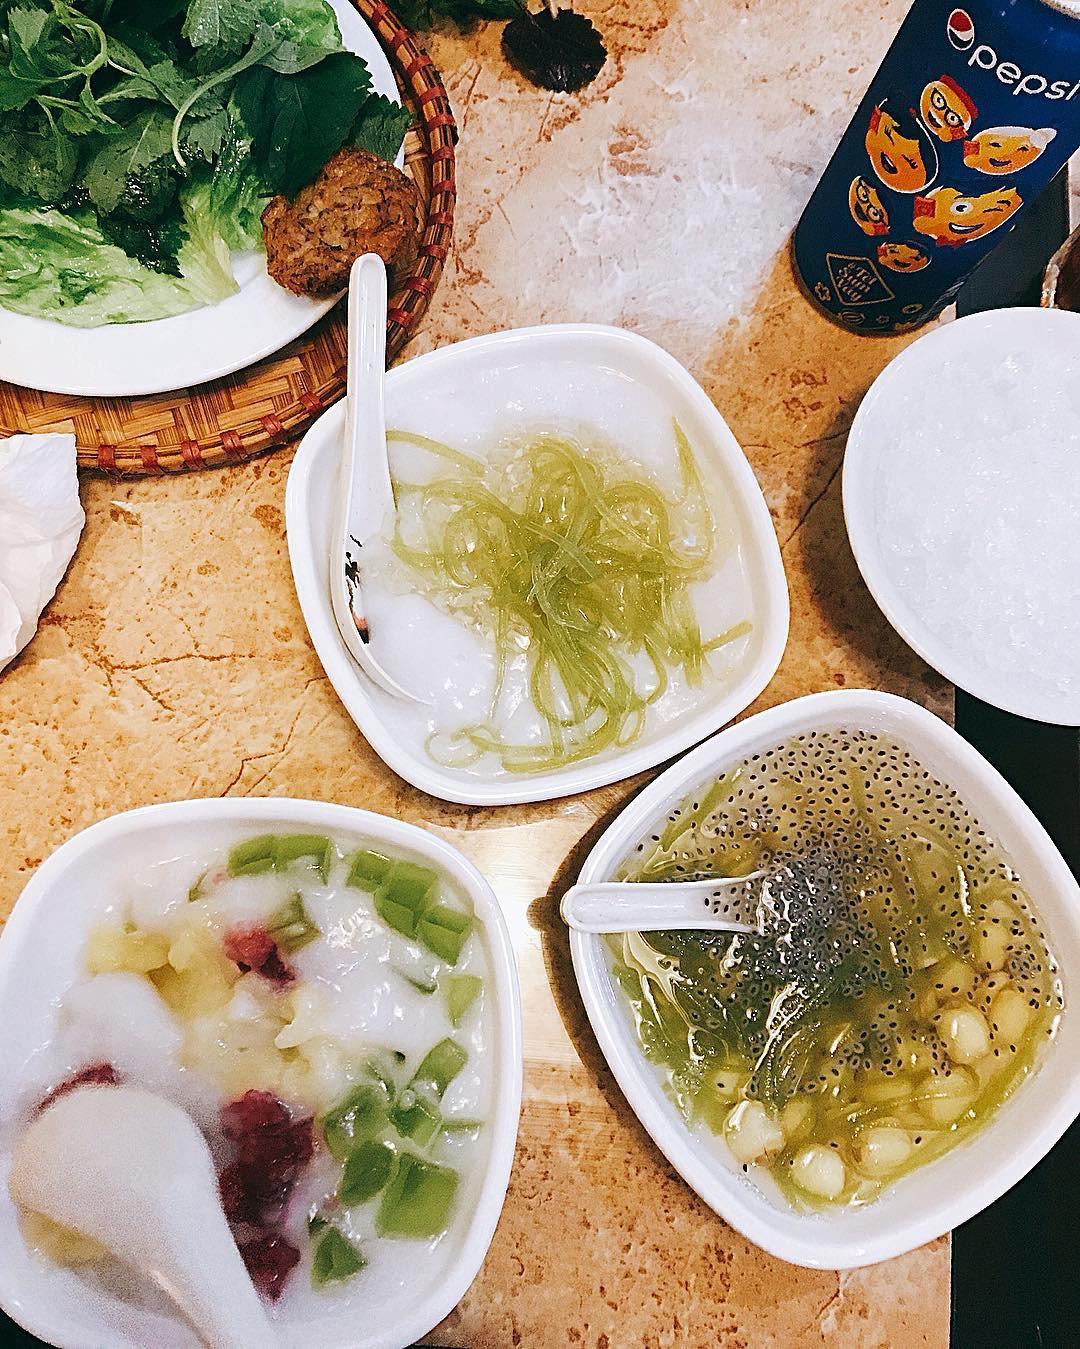 Lễ 2/9 ngại đi chơi xa, đến ngay những quán ăn ngon và thưởng thức món ăn vặt nổi tiếng xứ Huế  - Ảnh 15.